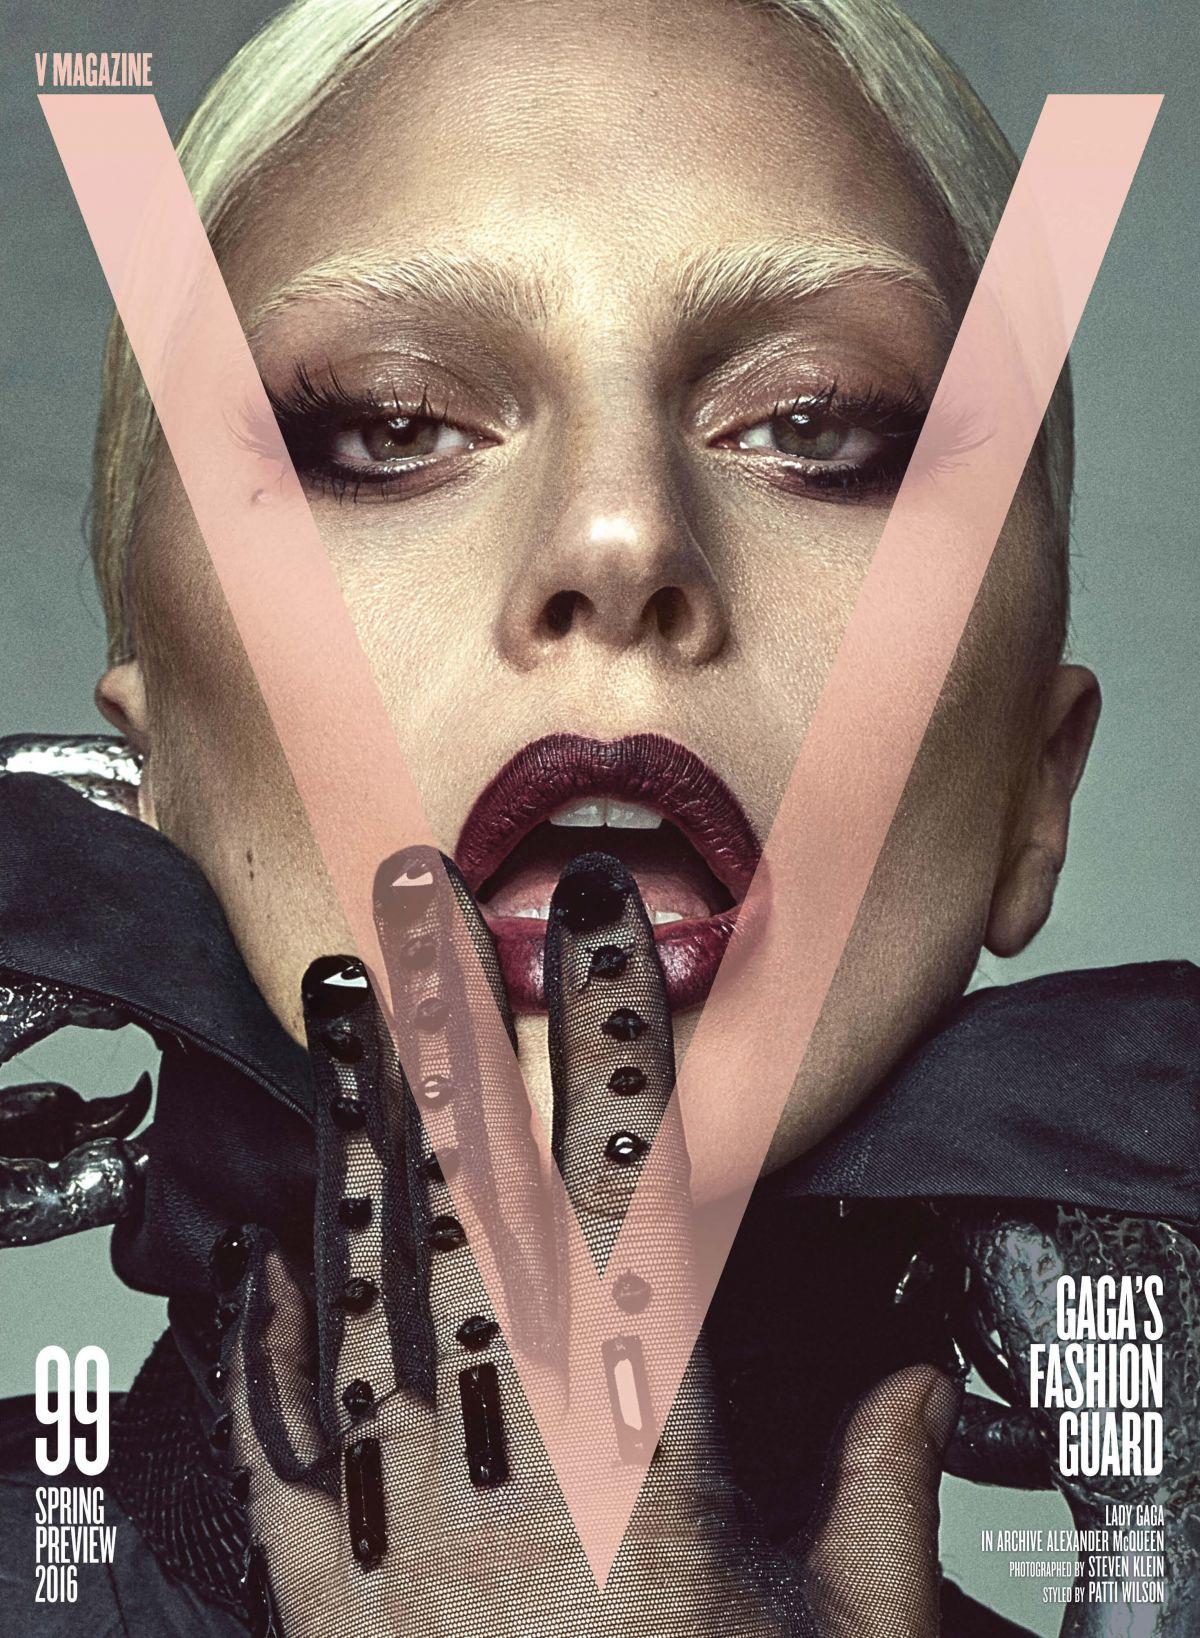 Lady gaga v magazine issue 99